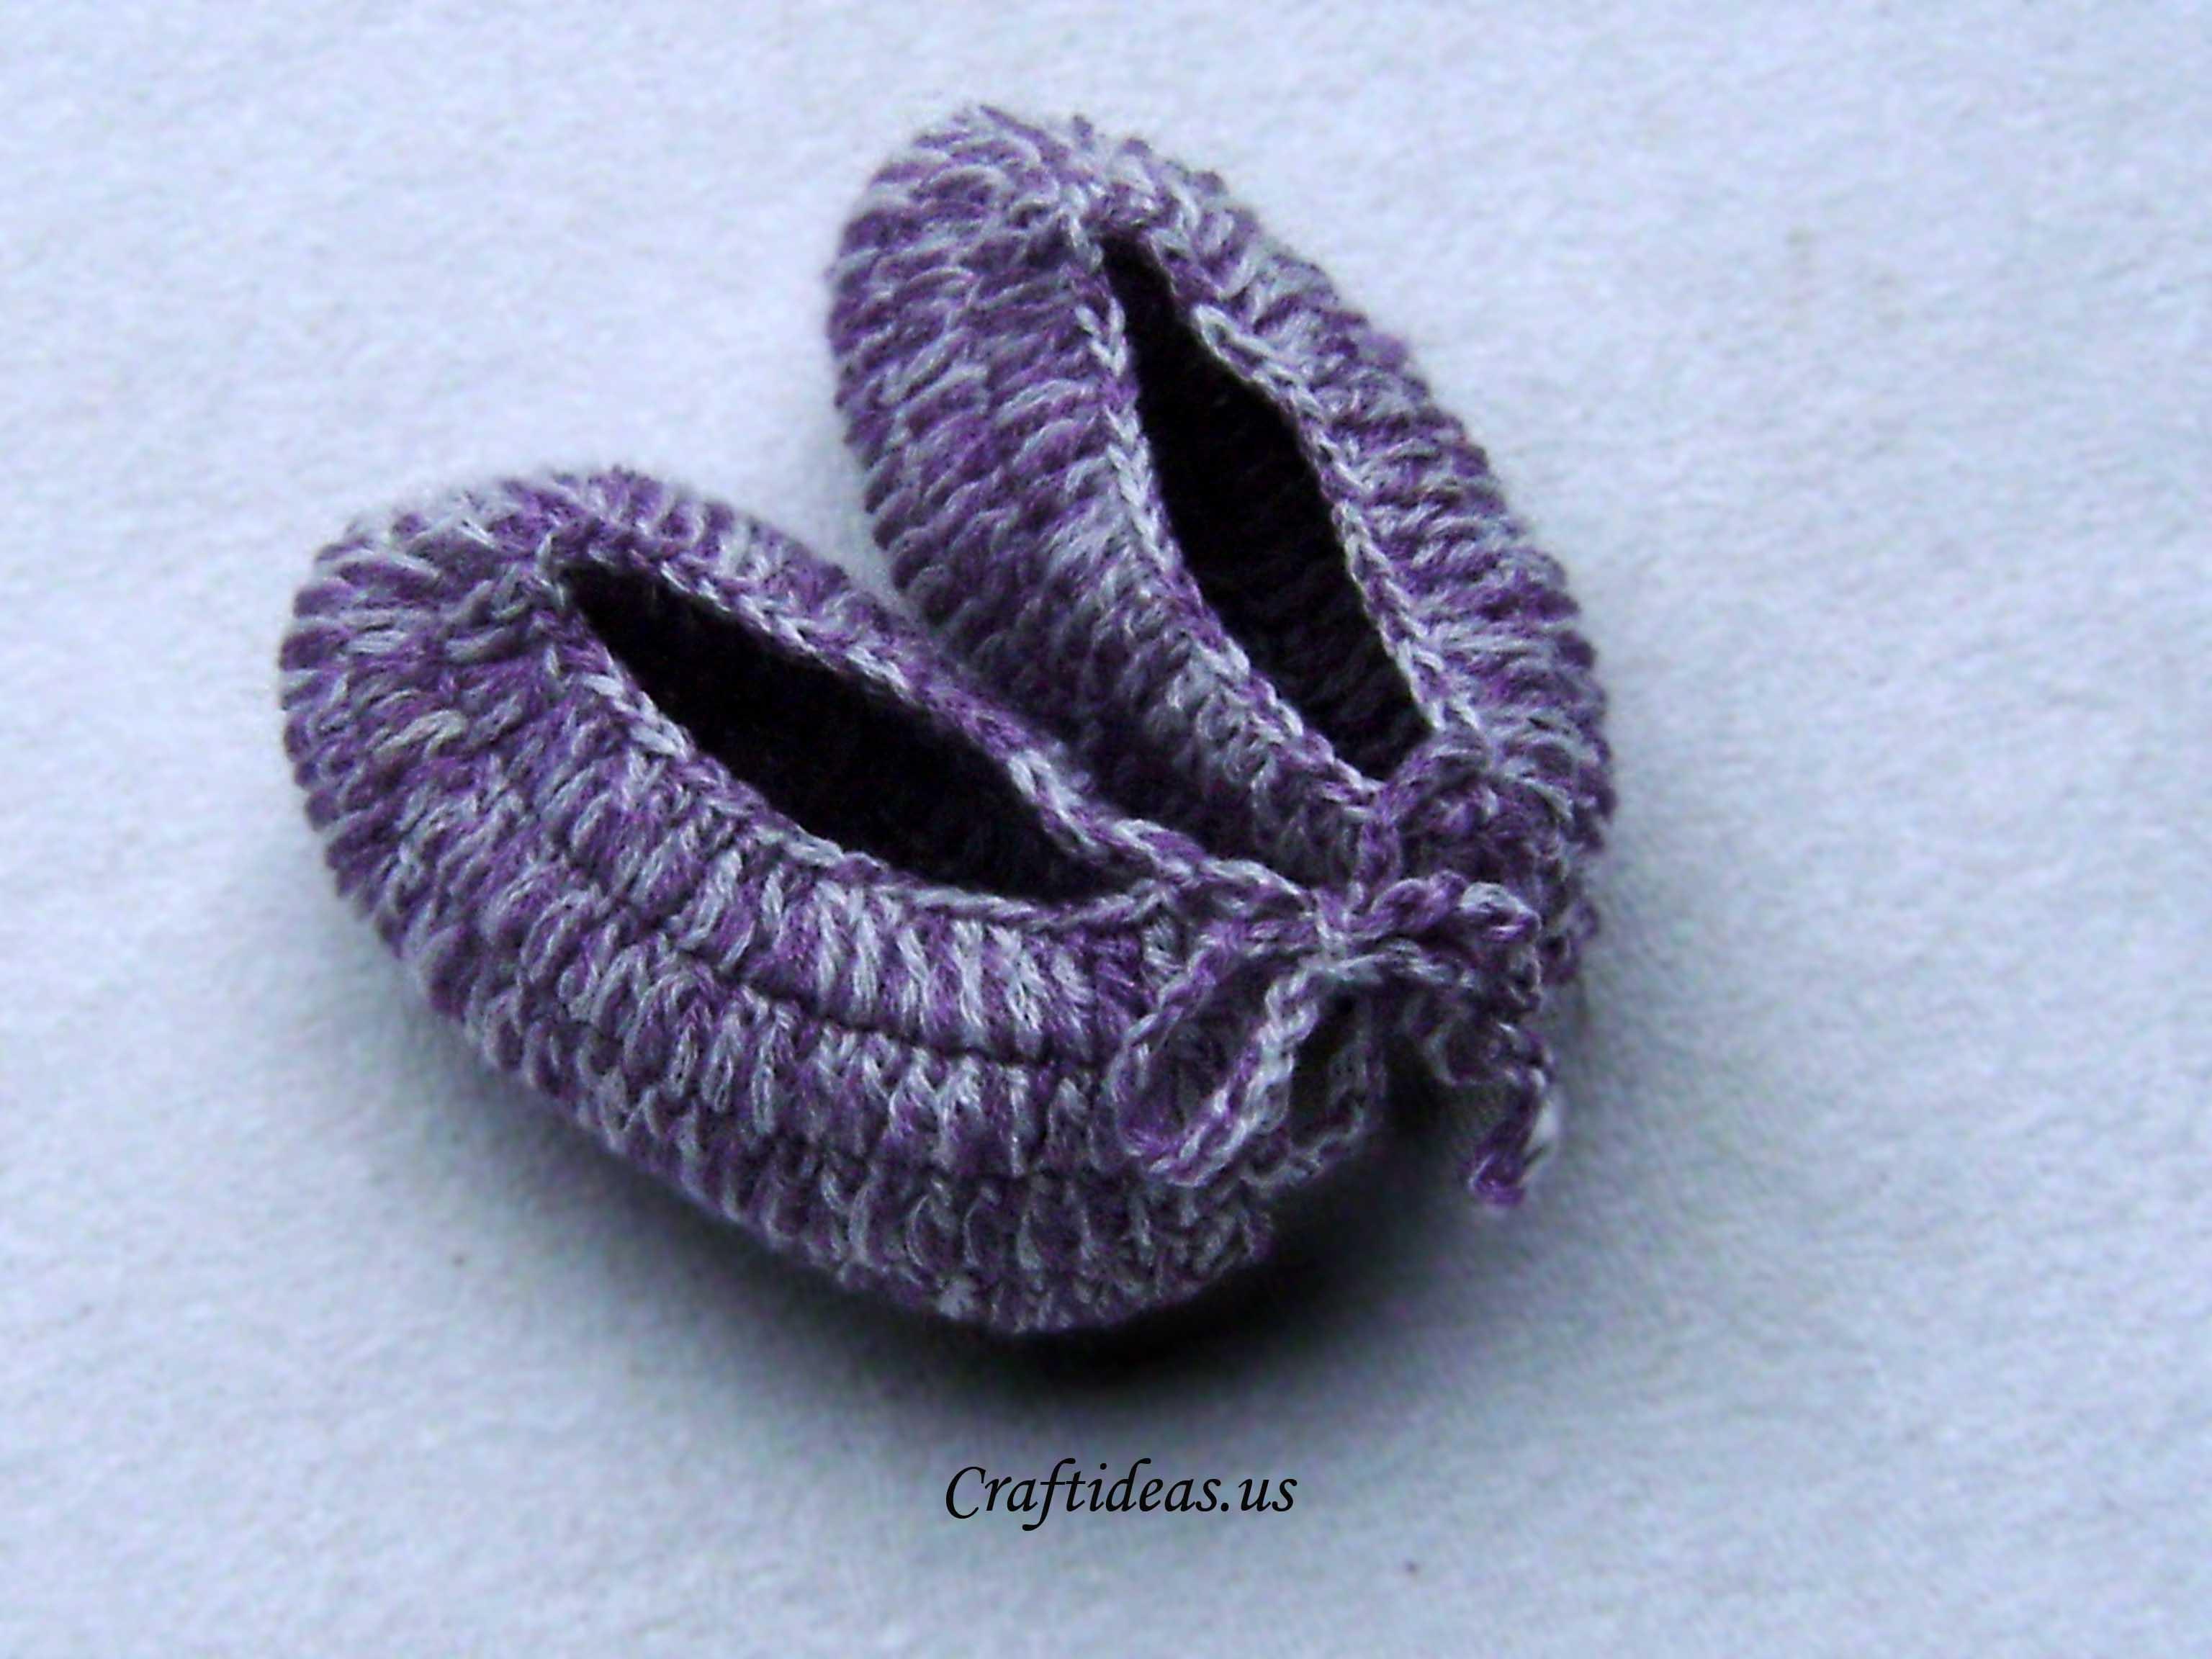 Crochet baby booties tutorial - Craft Ideas